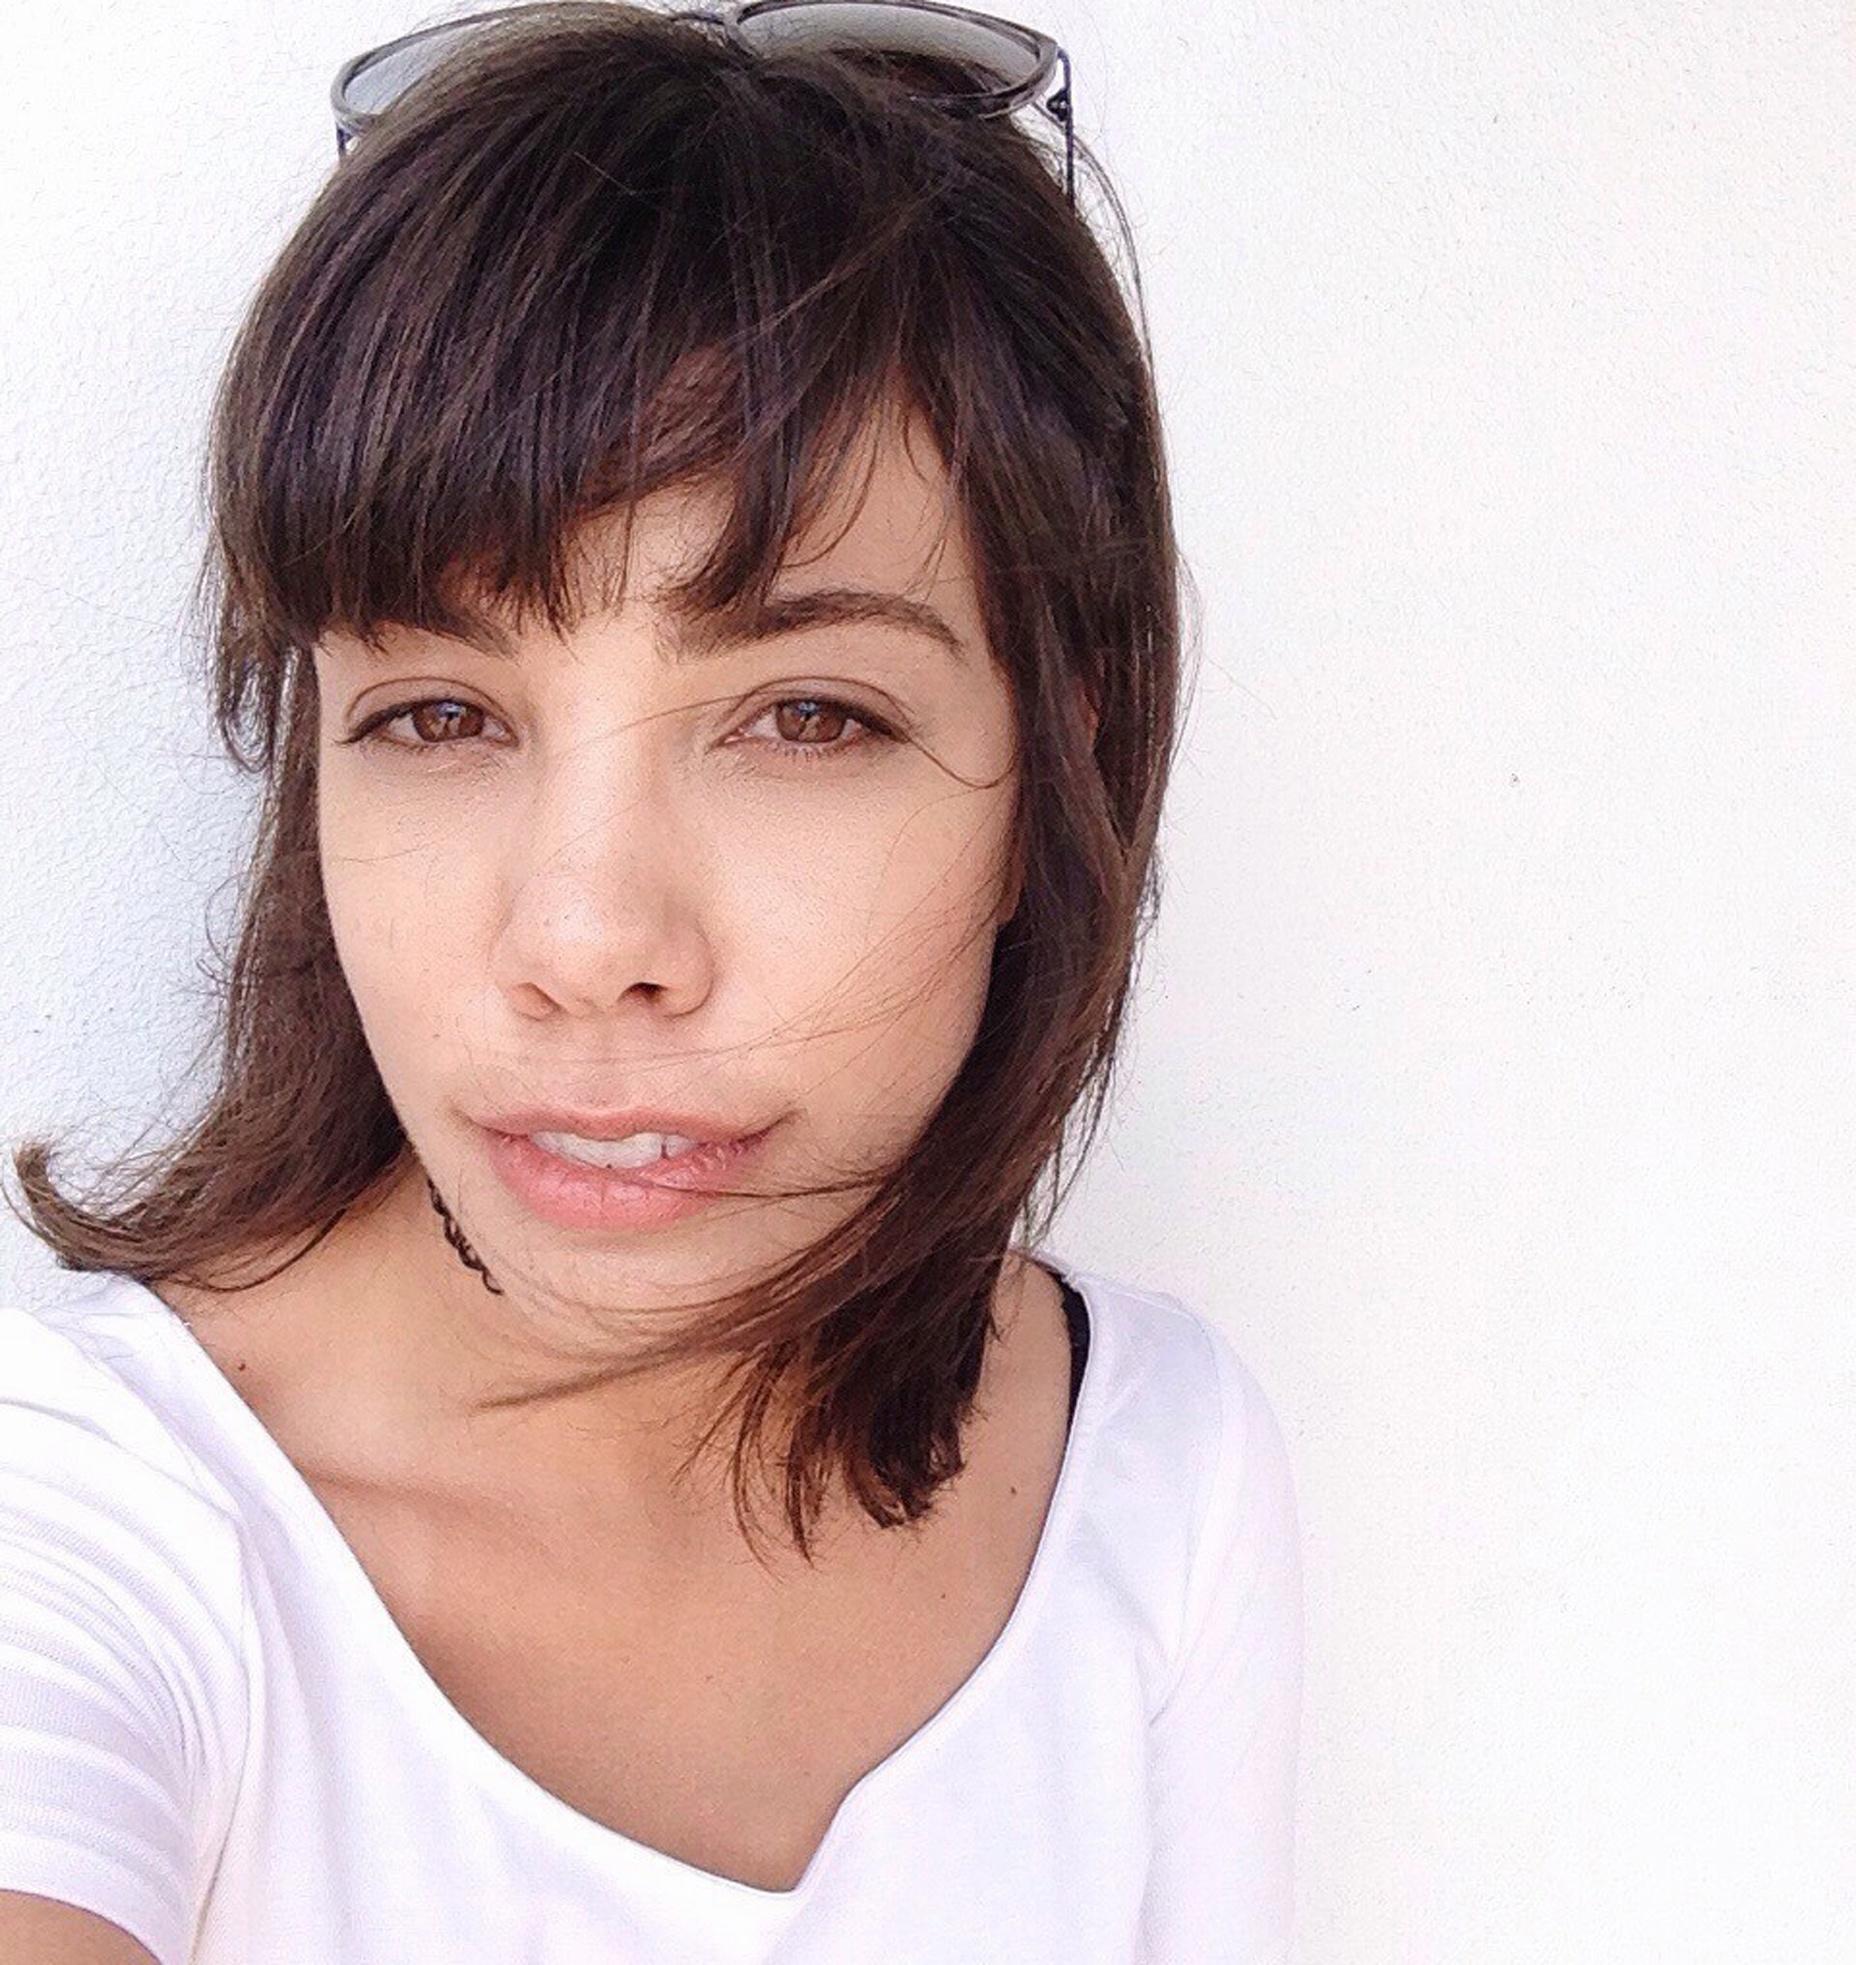 Marcela Profile Picture